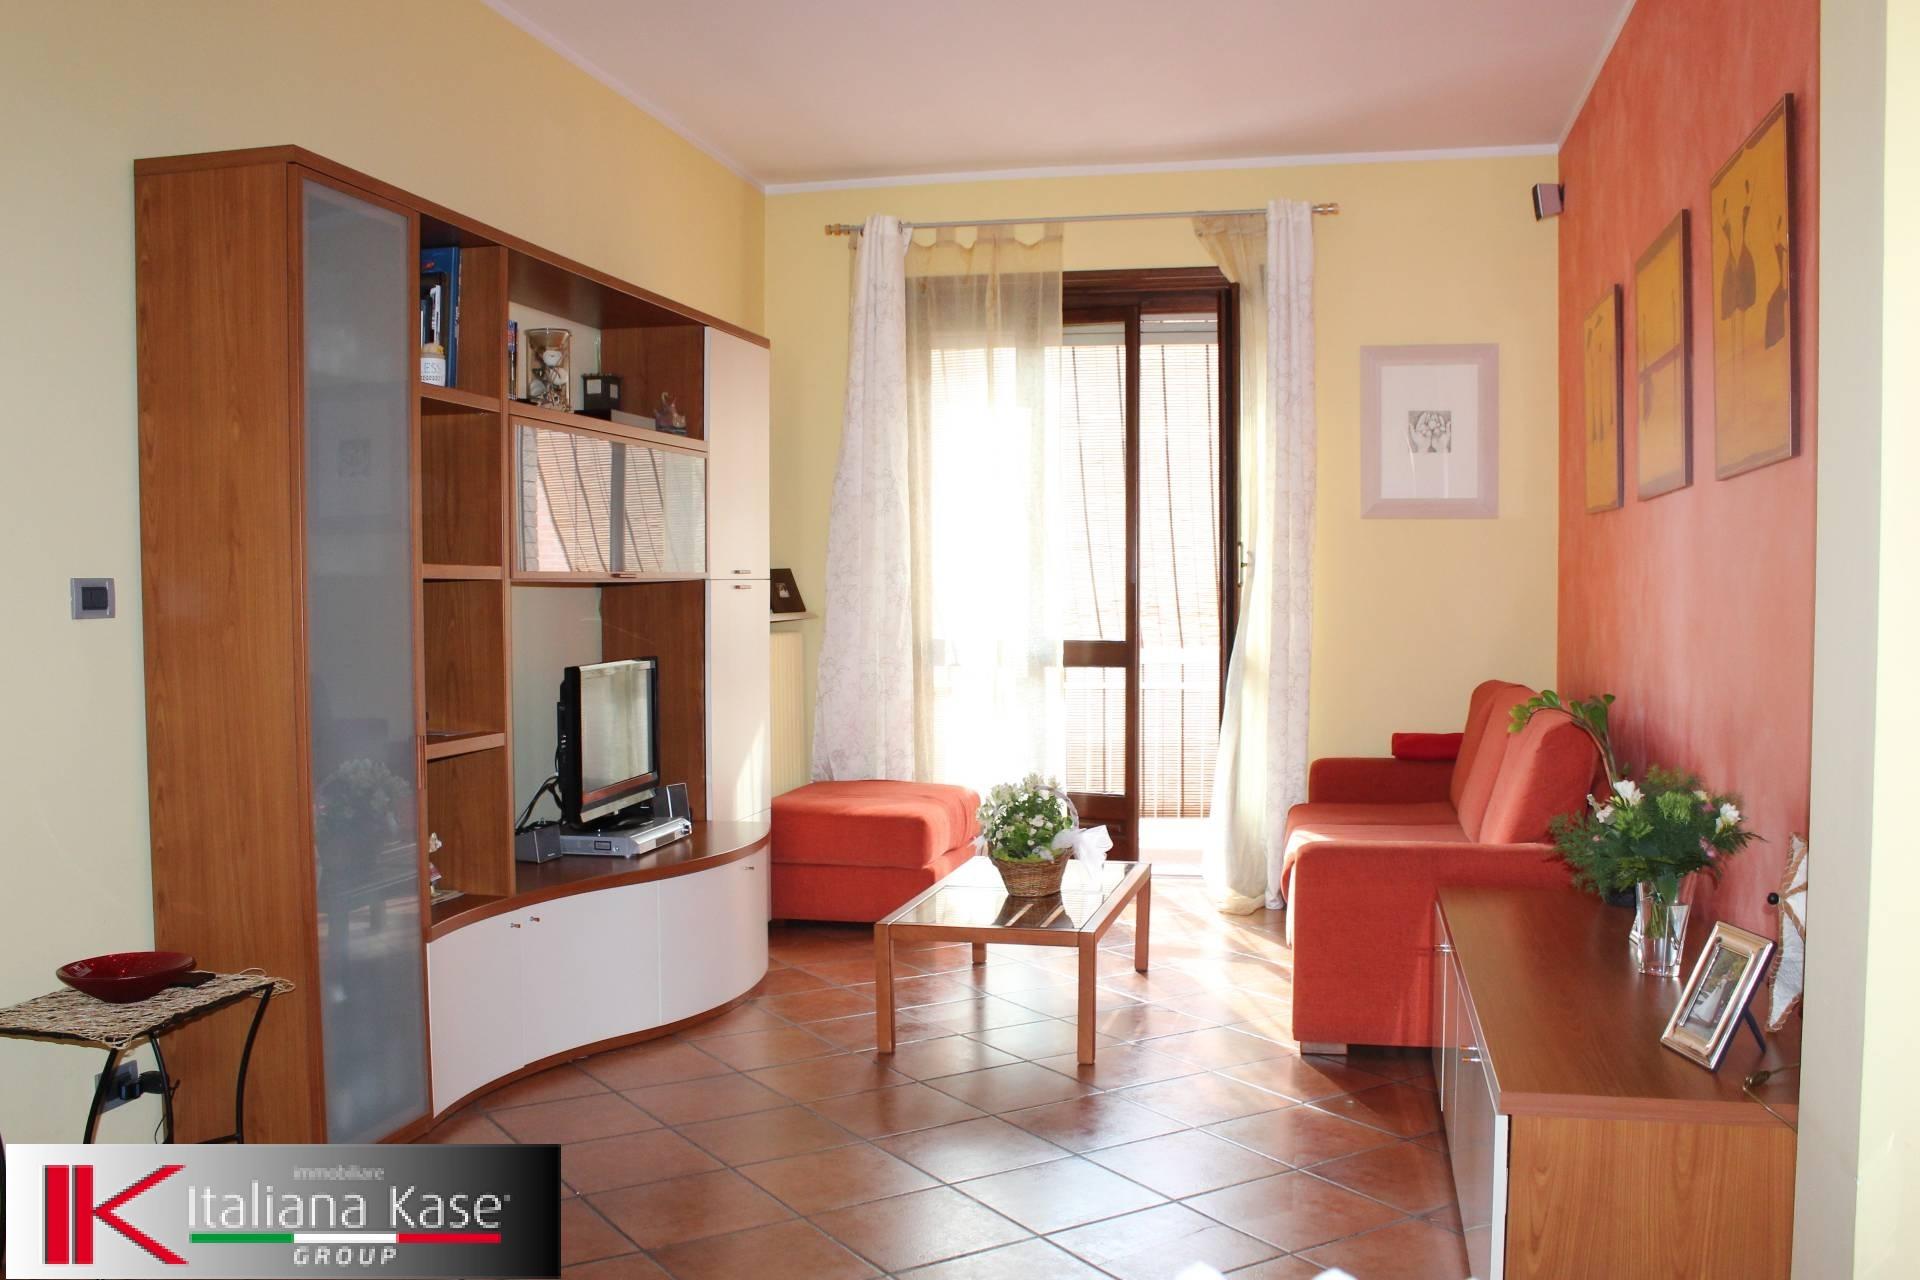 Appartamento in vendita a Gassino Torinese, 4 locali, zona Località: GassinoTorinese, prezzo € 125.000 | CambioCasa.it